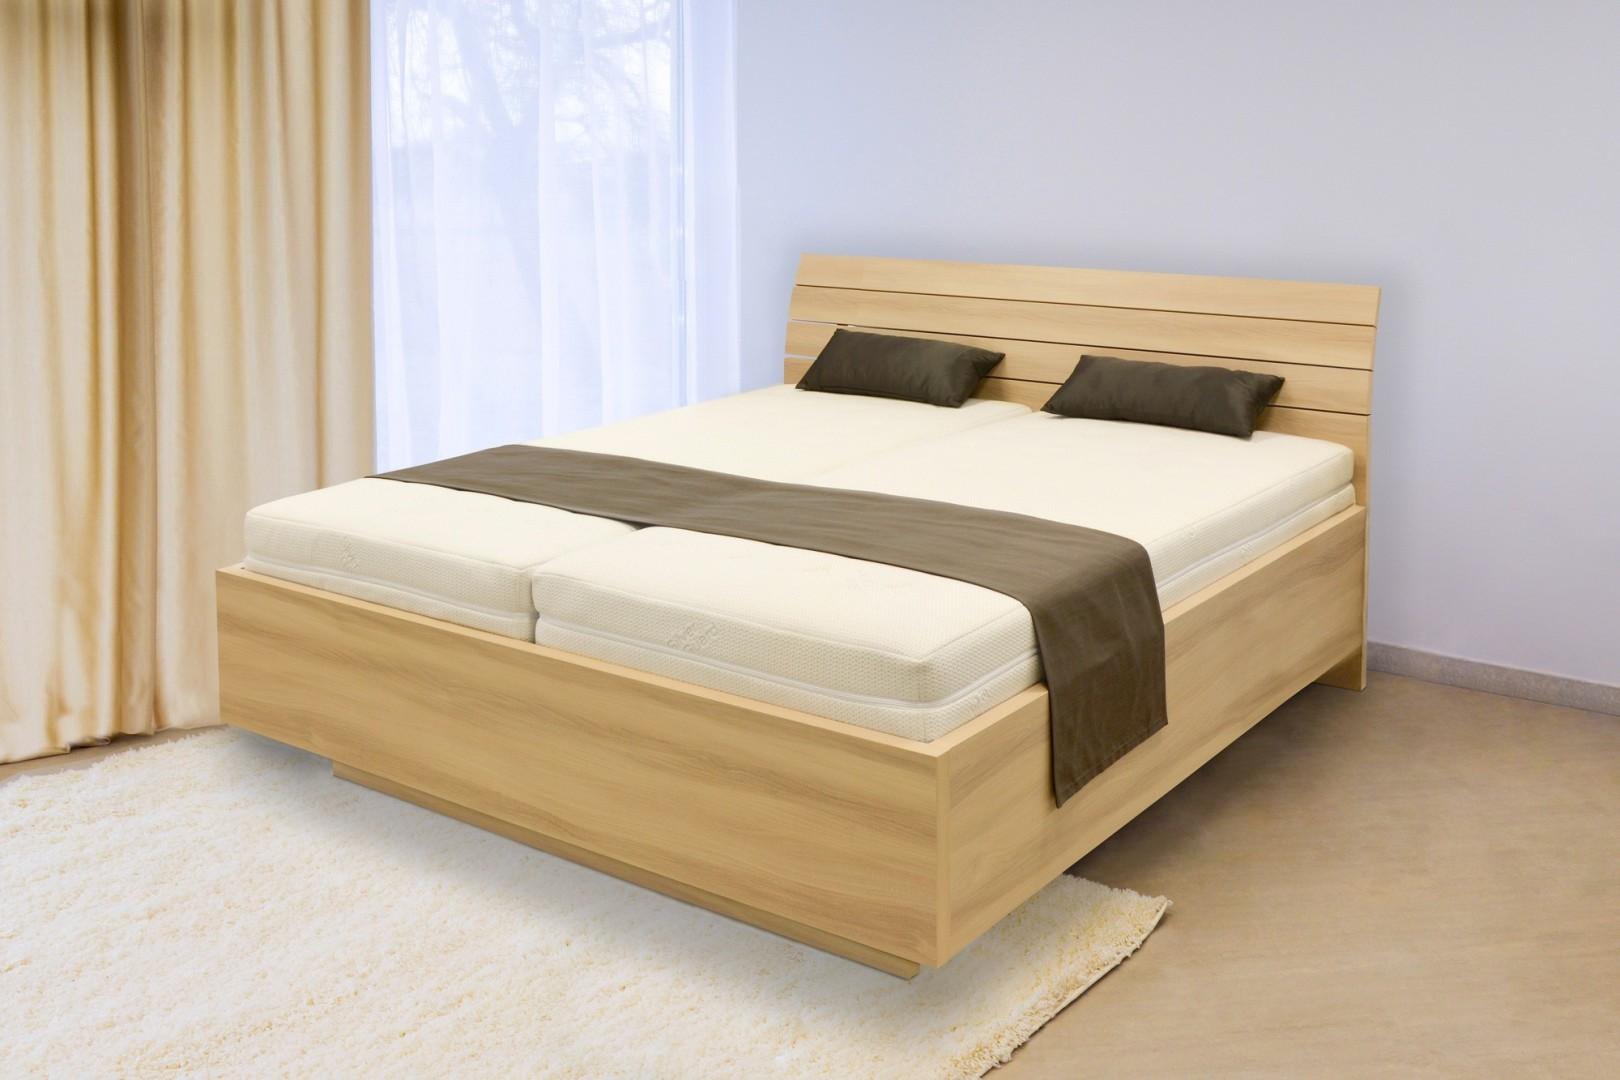 Ahorn SALINA Basic - dvoulůžková postel se střednicí 160 x 200 cm dekor akát, 38 mm lamino